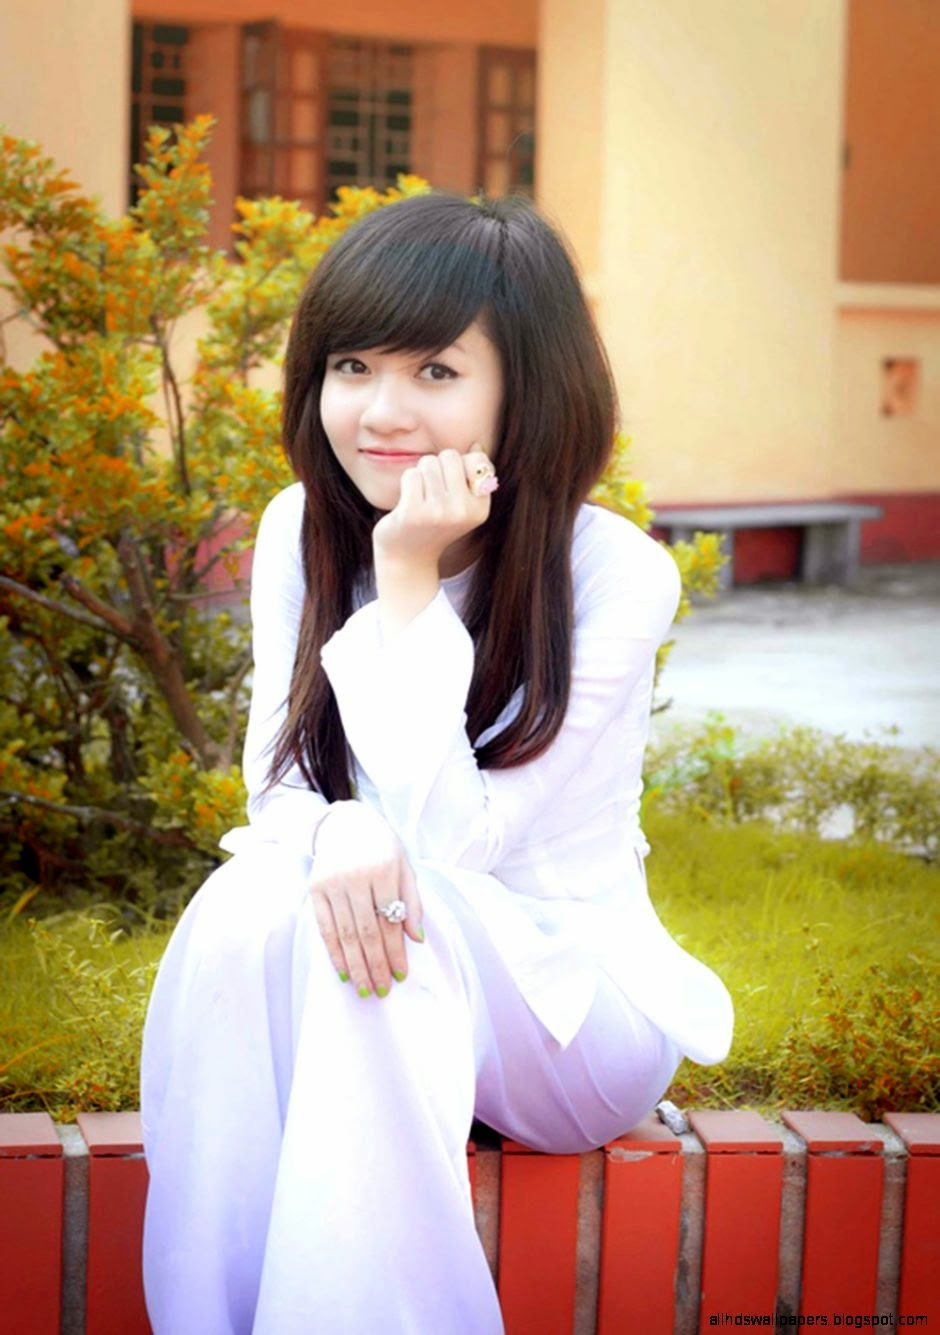 Schoolgirl Outdoor Stock Image - Image: 32769351